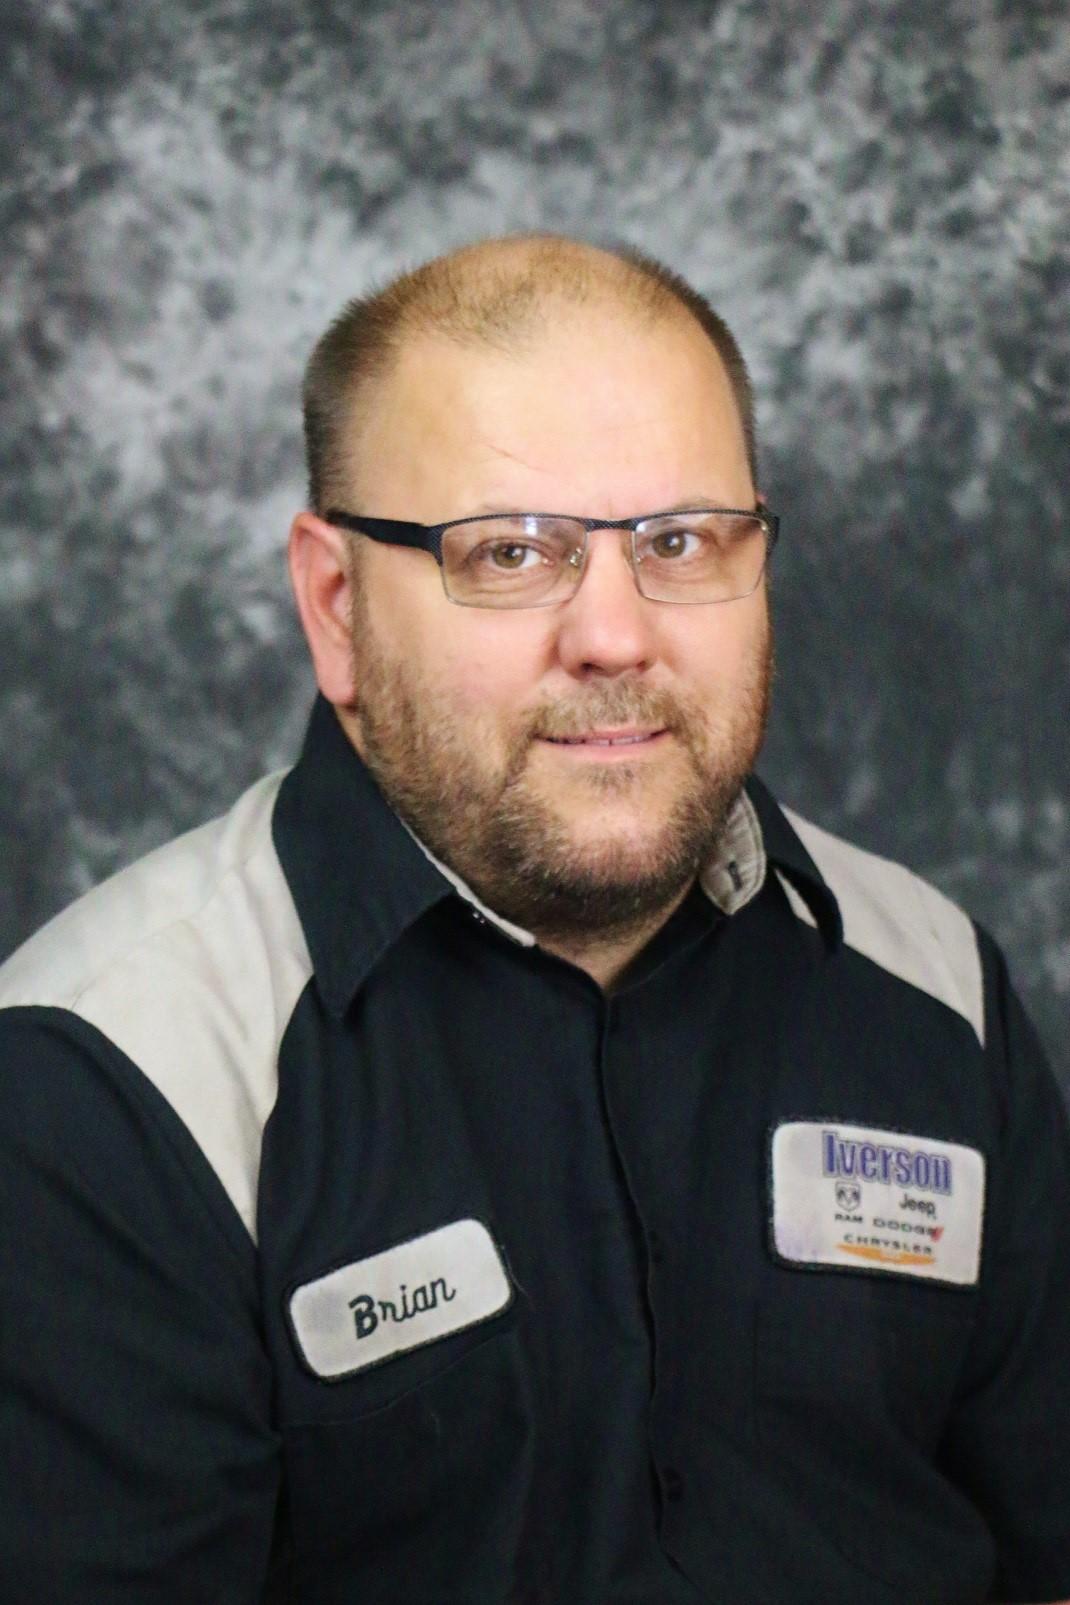 Brian Vorhees